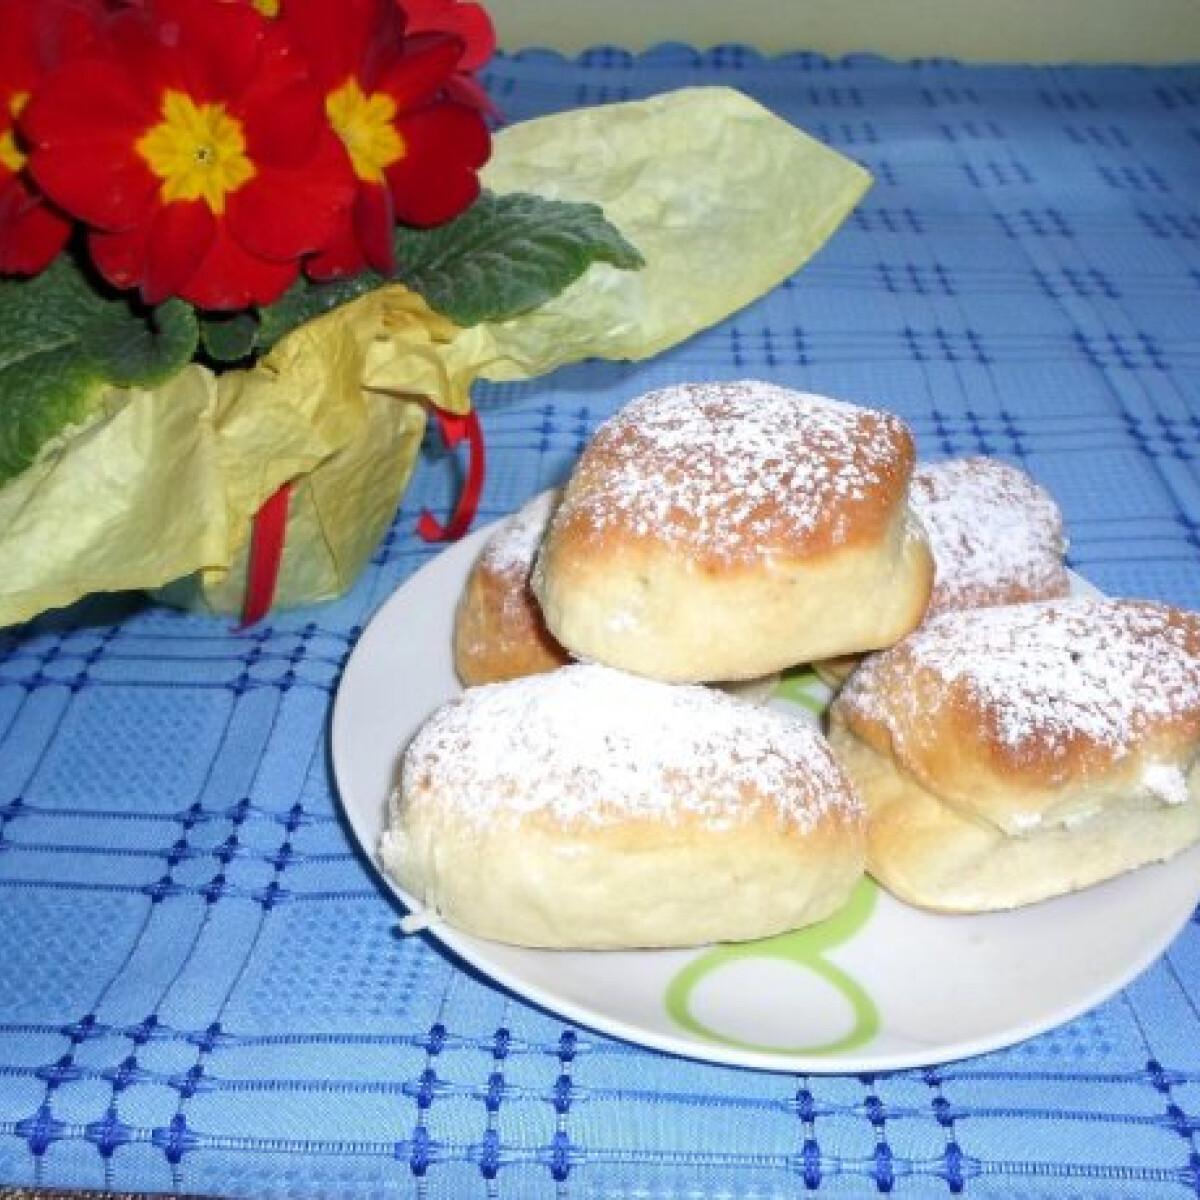 Ezen a képen: Sütőben sült fánk Csilla konyhájából